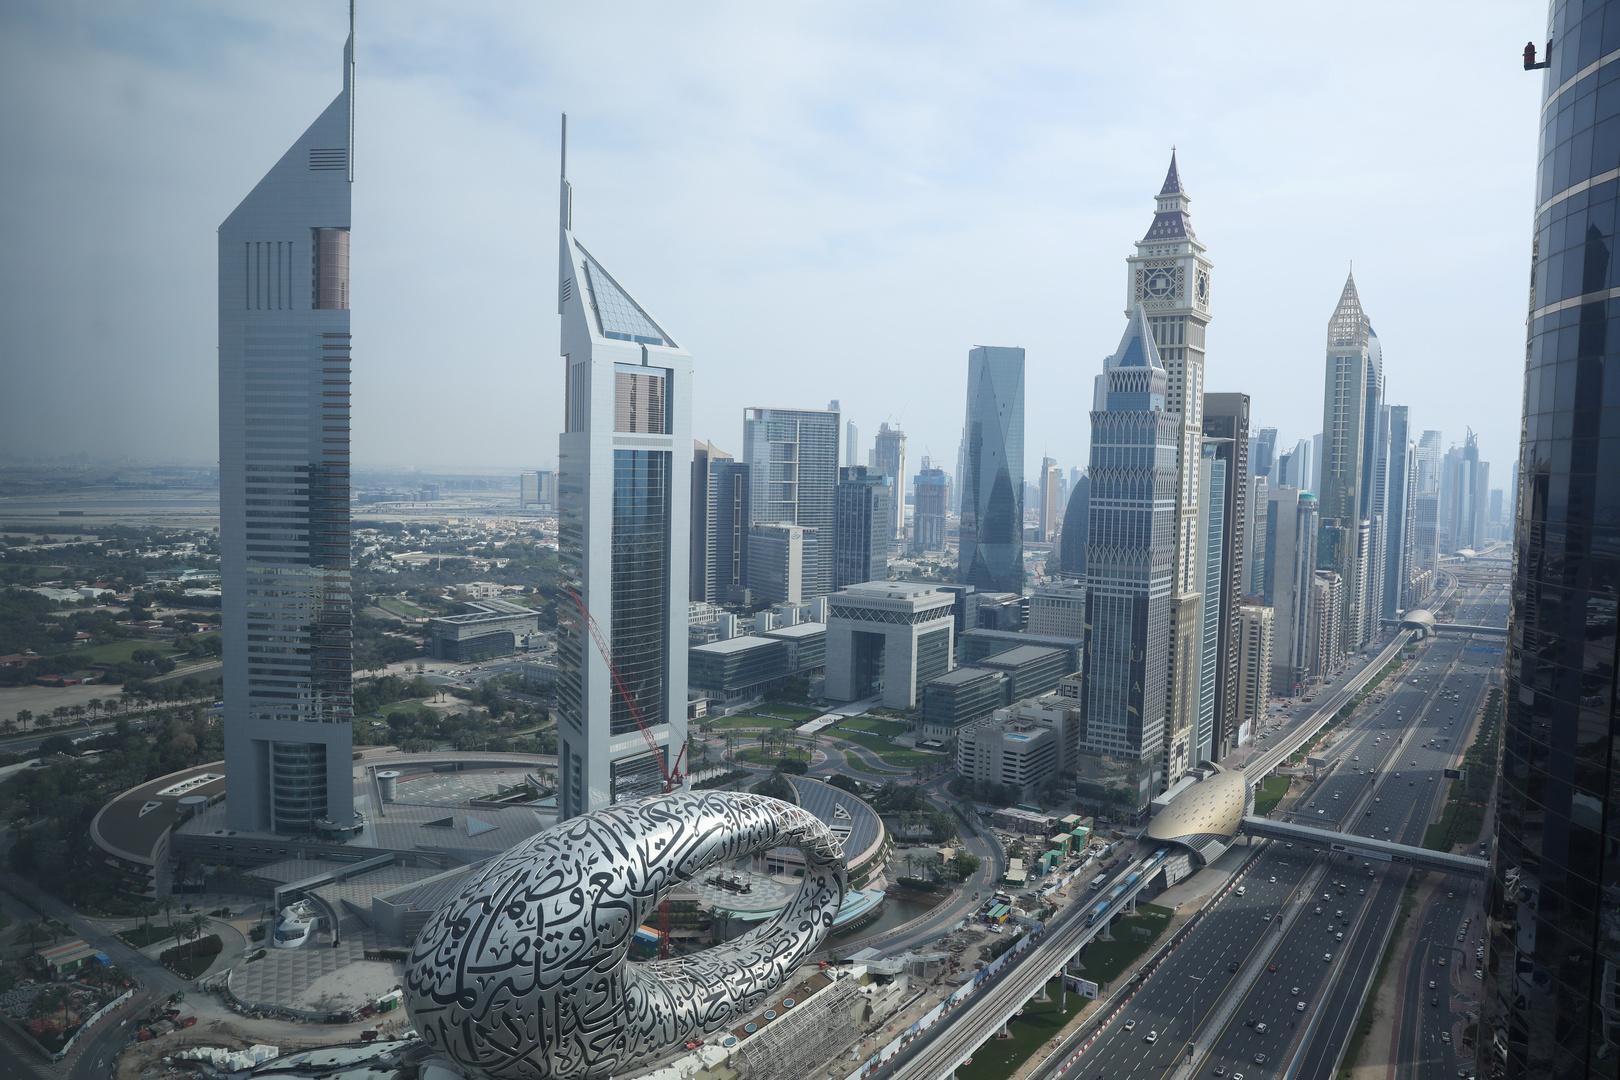 الإمارات تعلن منحها الإقامة الذهبية لهذه الفئة من المقيمين في البلاد